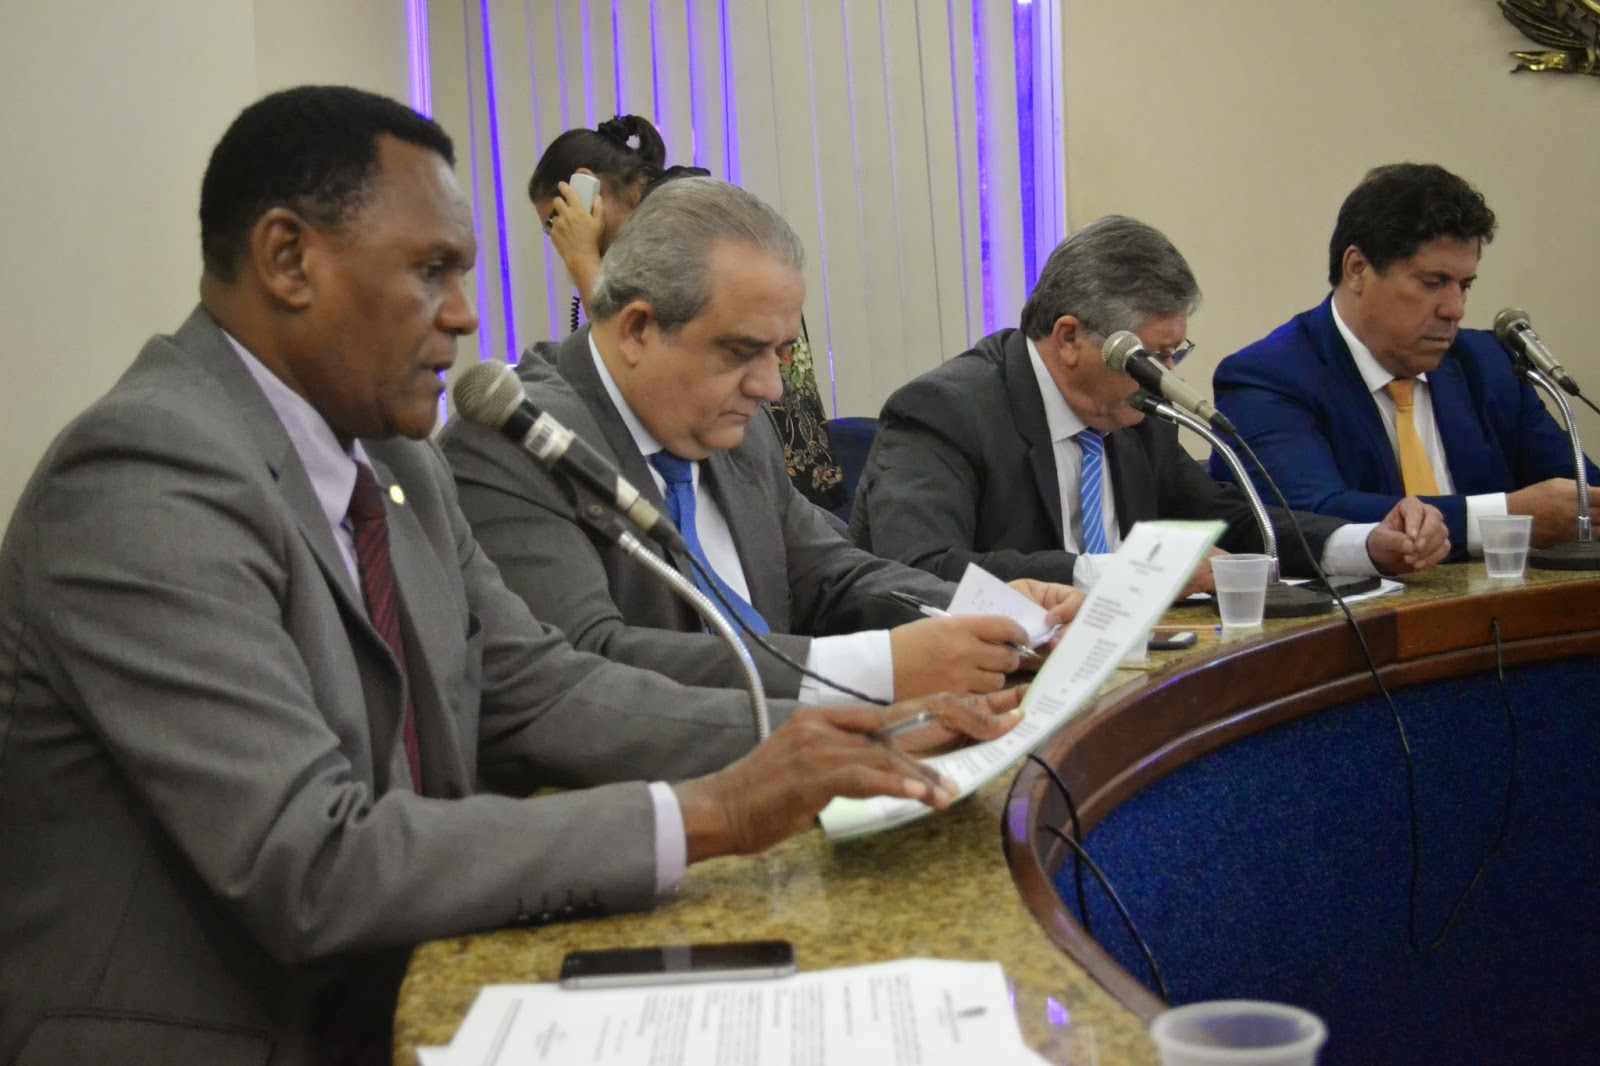 Conselho Tutelar  – Projeto do deputado Ossesio é aprovado na Comissão de Administração